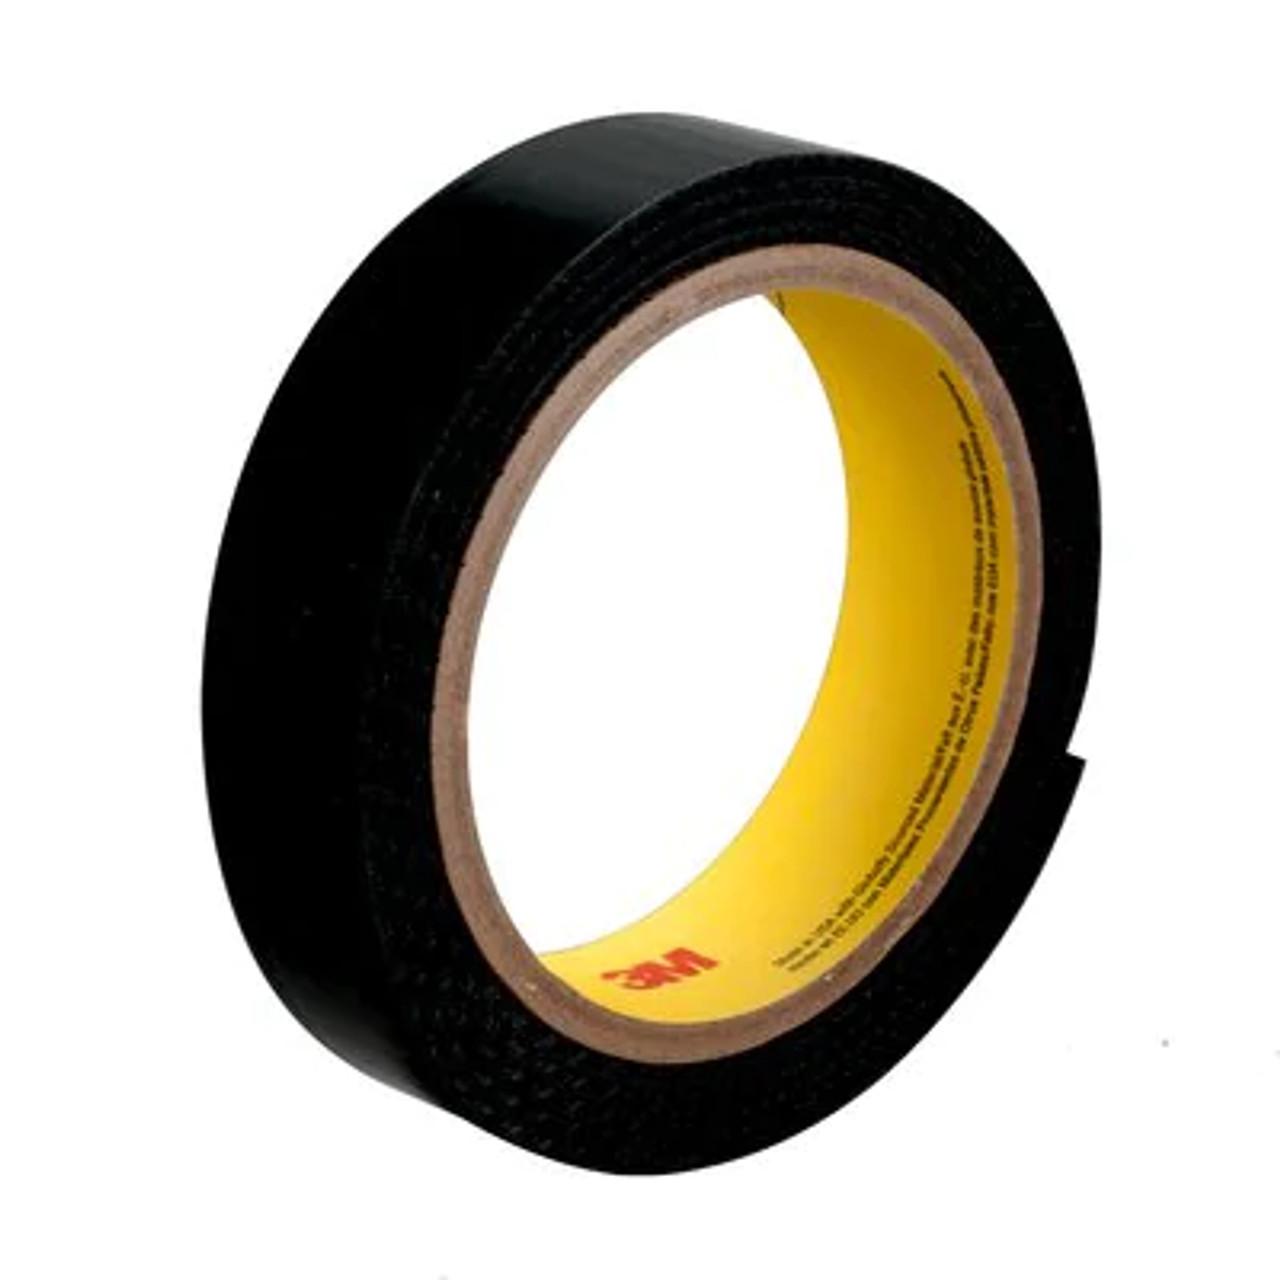 3M™ Hook Fastener SJ3526N, Black, 3/4 in x 50 yd